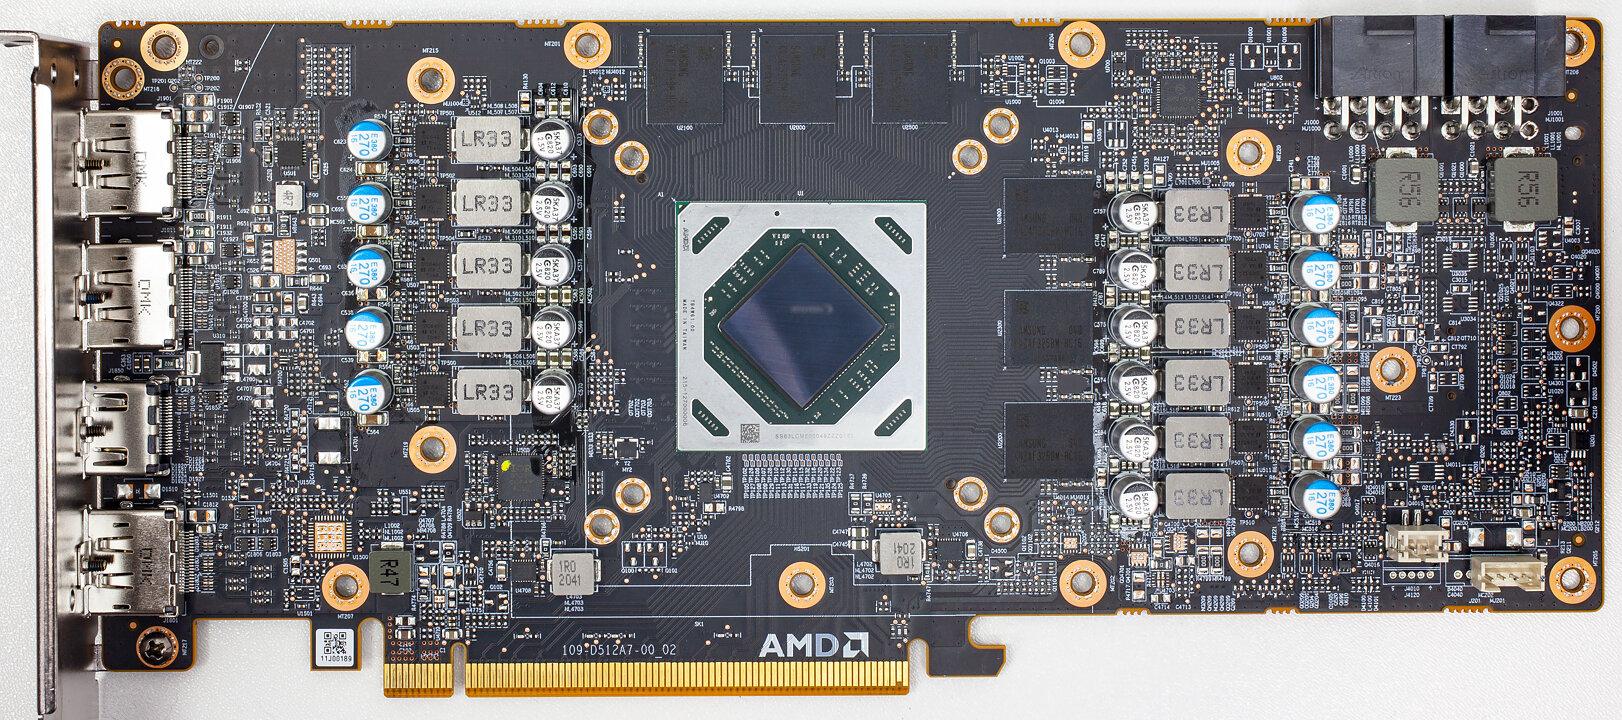 Вышли первые обзоры видеокарты Radeon RX 6700 XT